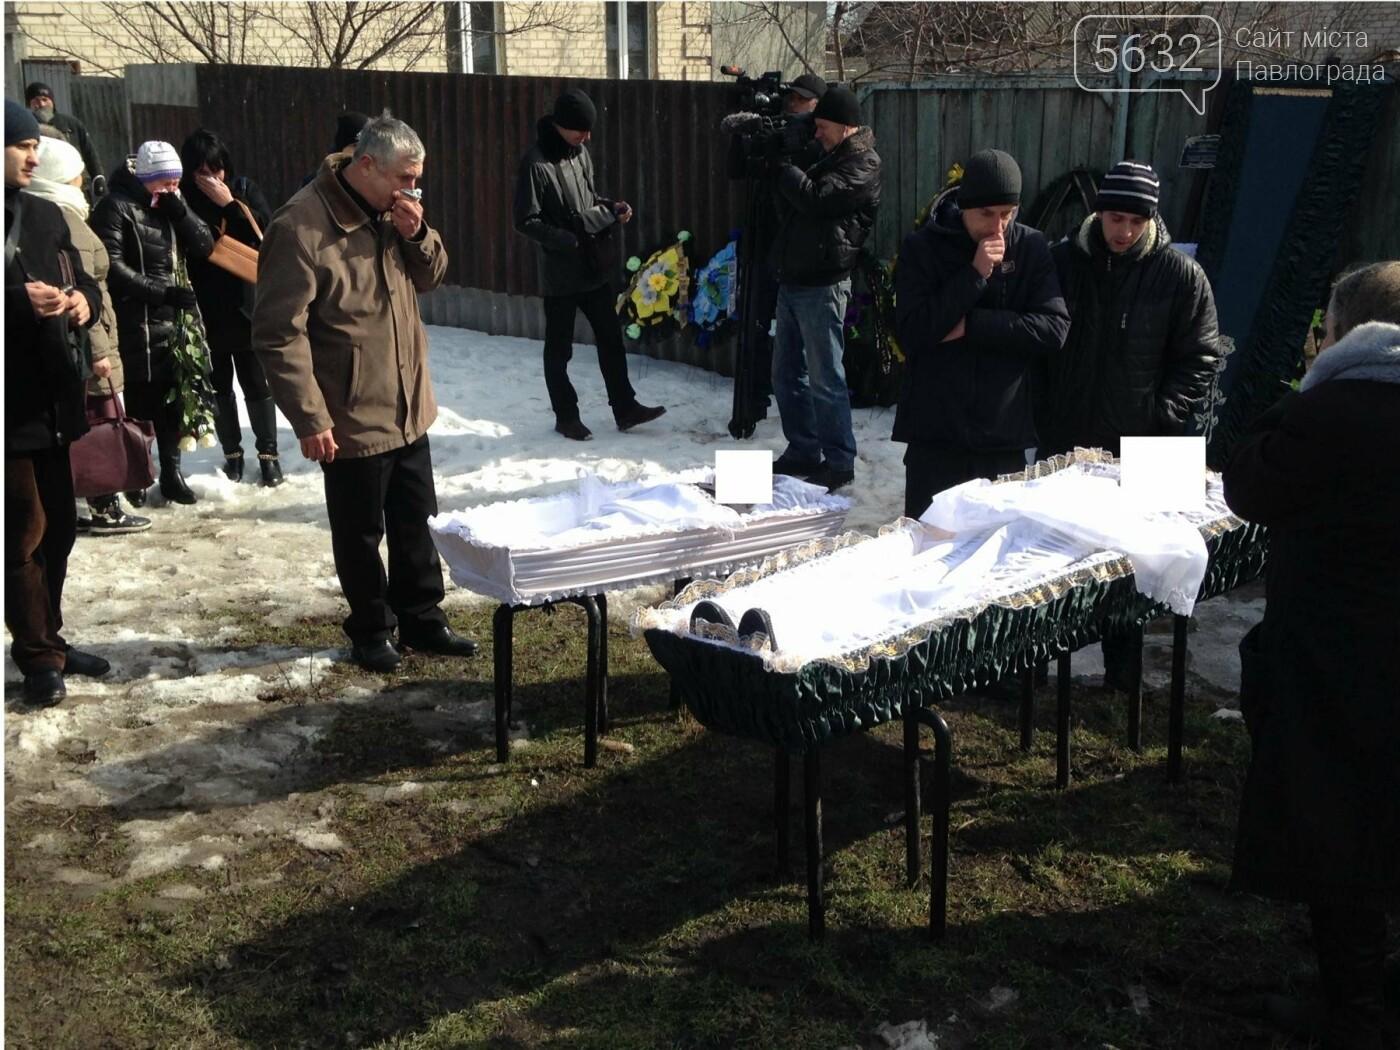 В Павлограде похоронили жестоко убитых отца и сына, фото-12